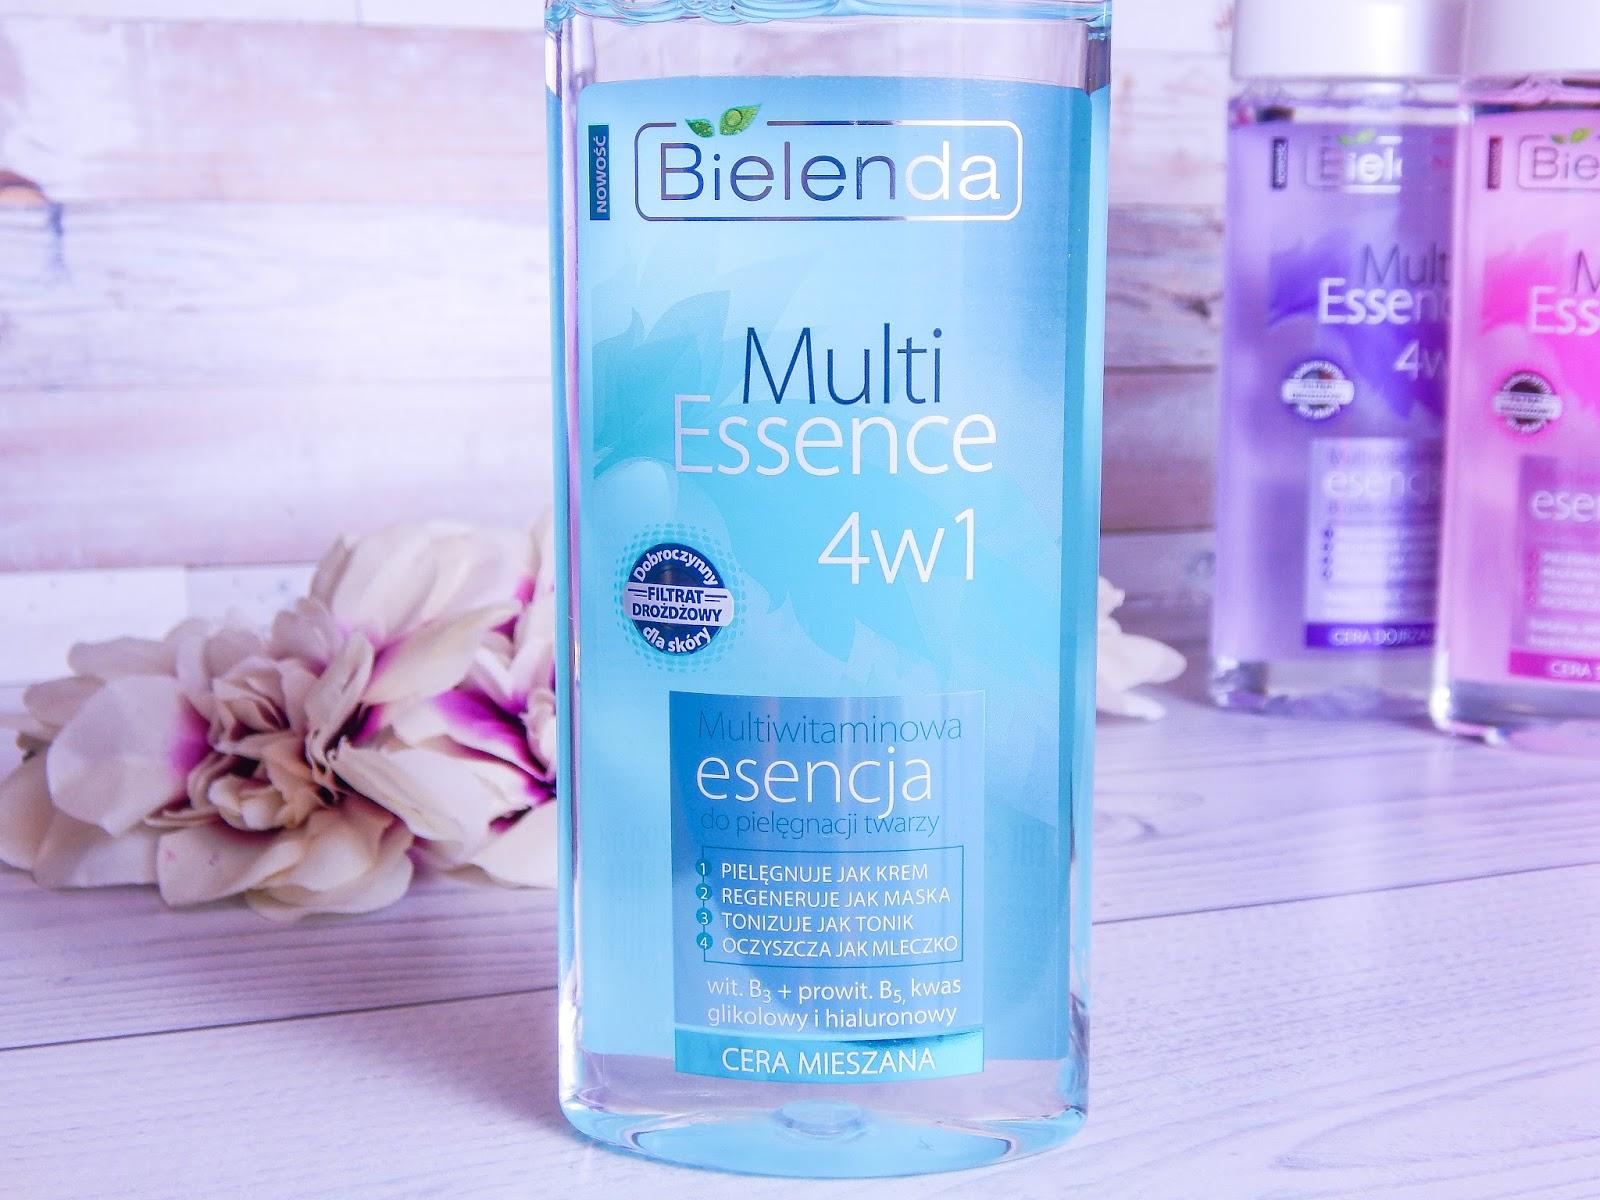 9 multi essence 4w1 bielenda recenzja multiwitamicowa esencja do pielęgnacji twarzy